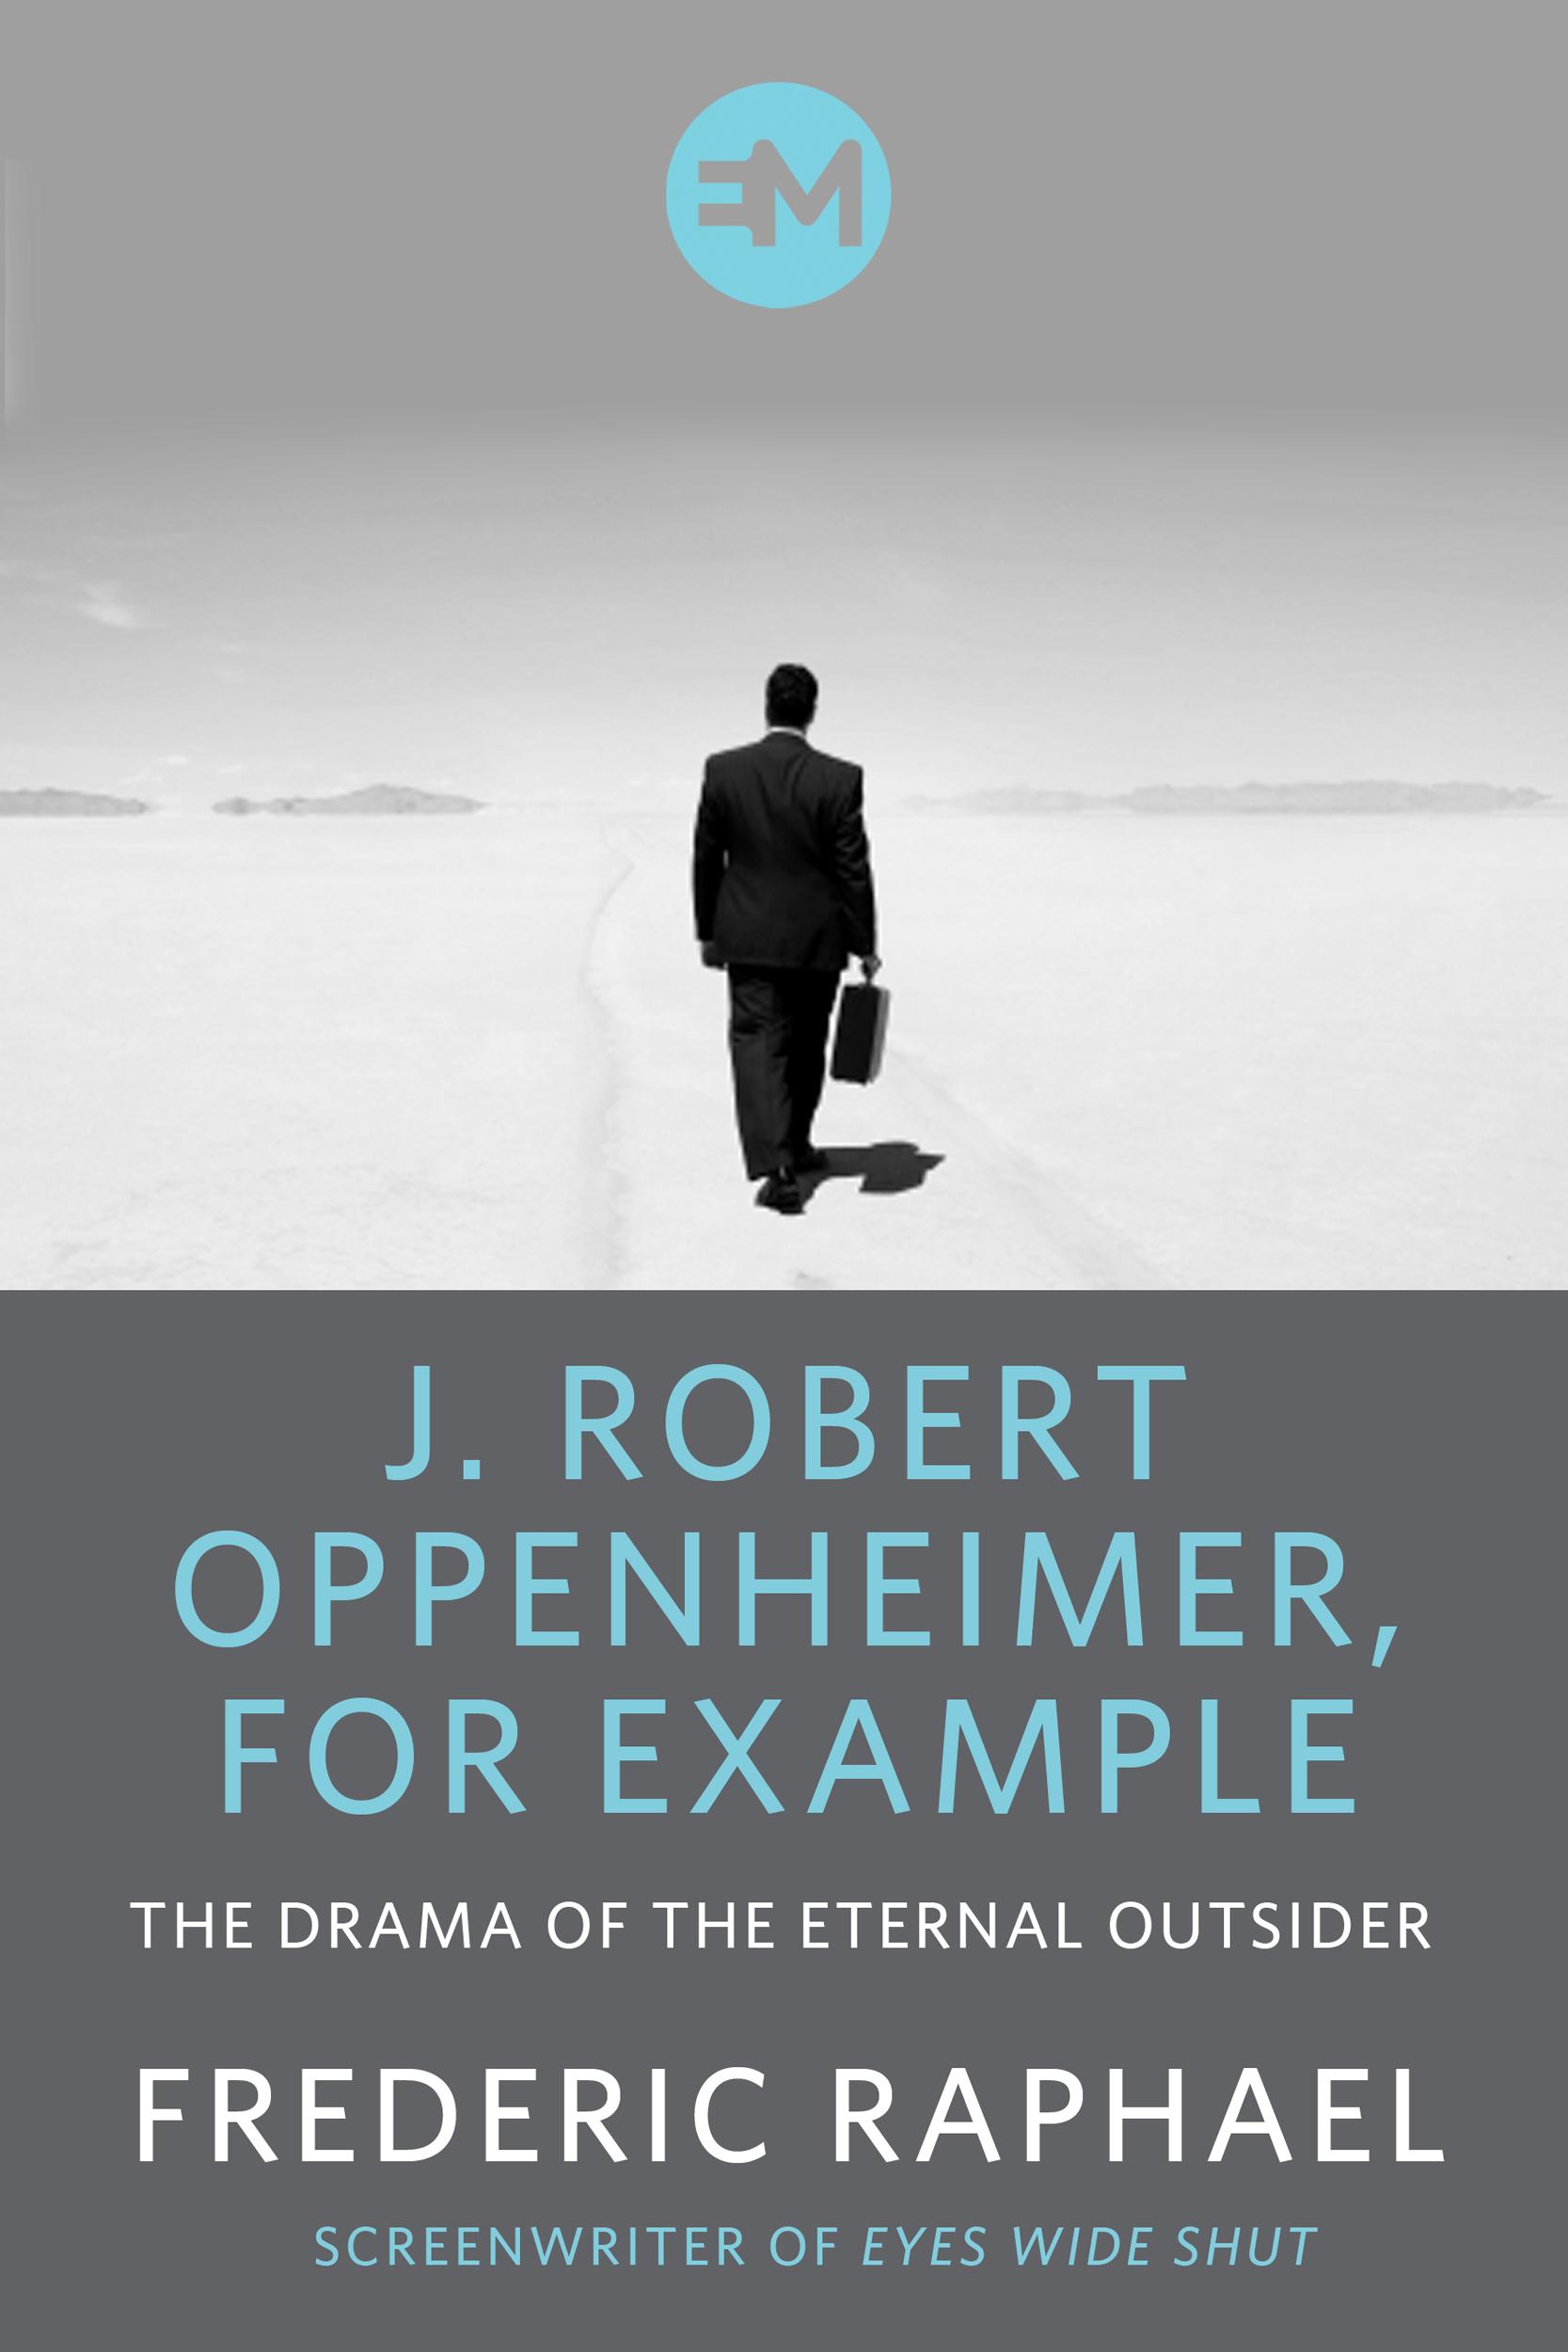 J. Robert Oppenheimer, For Example